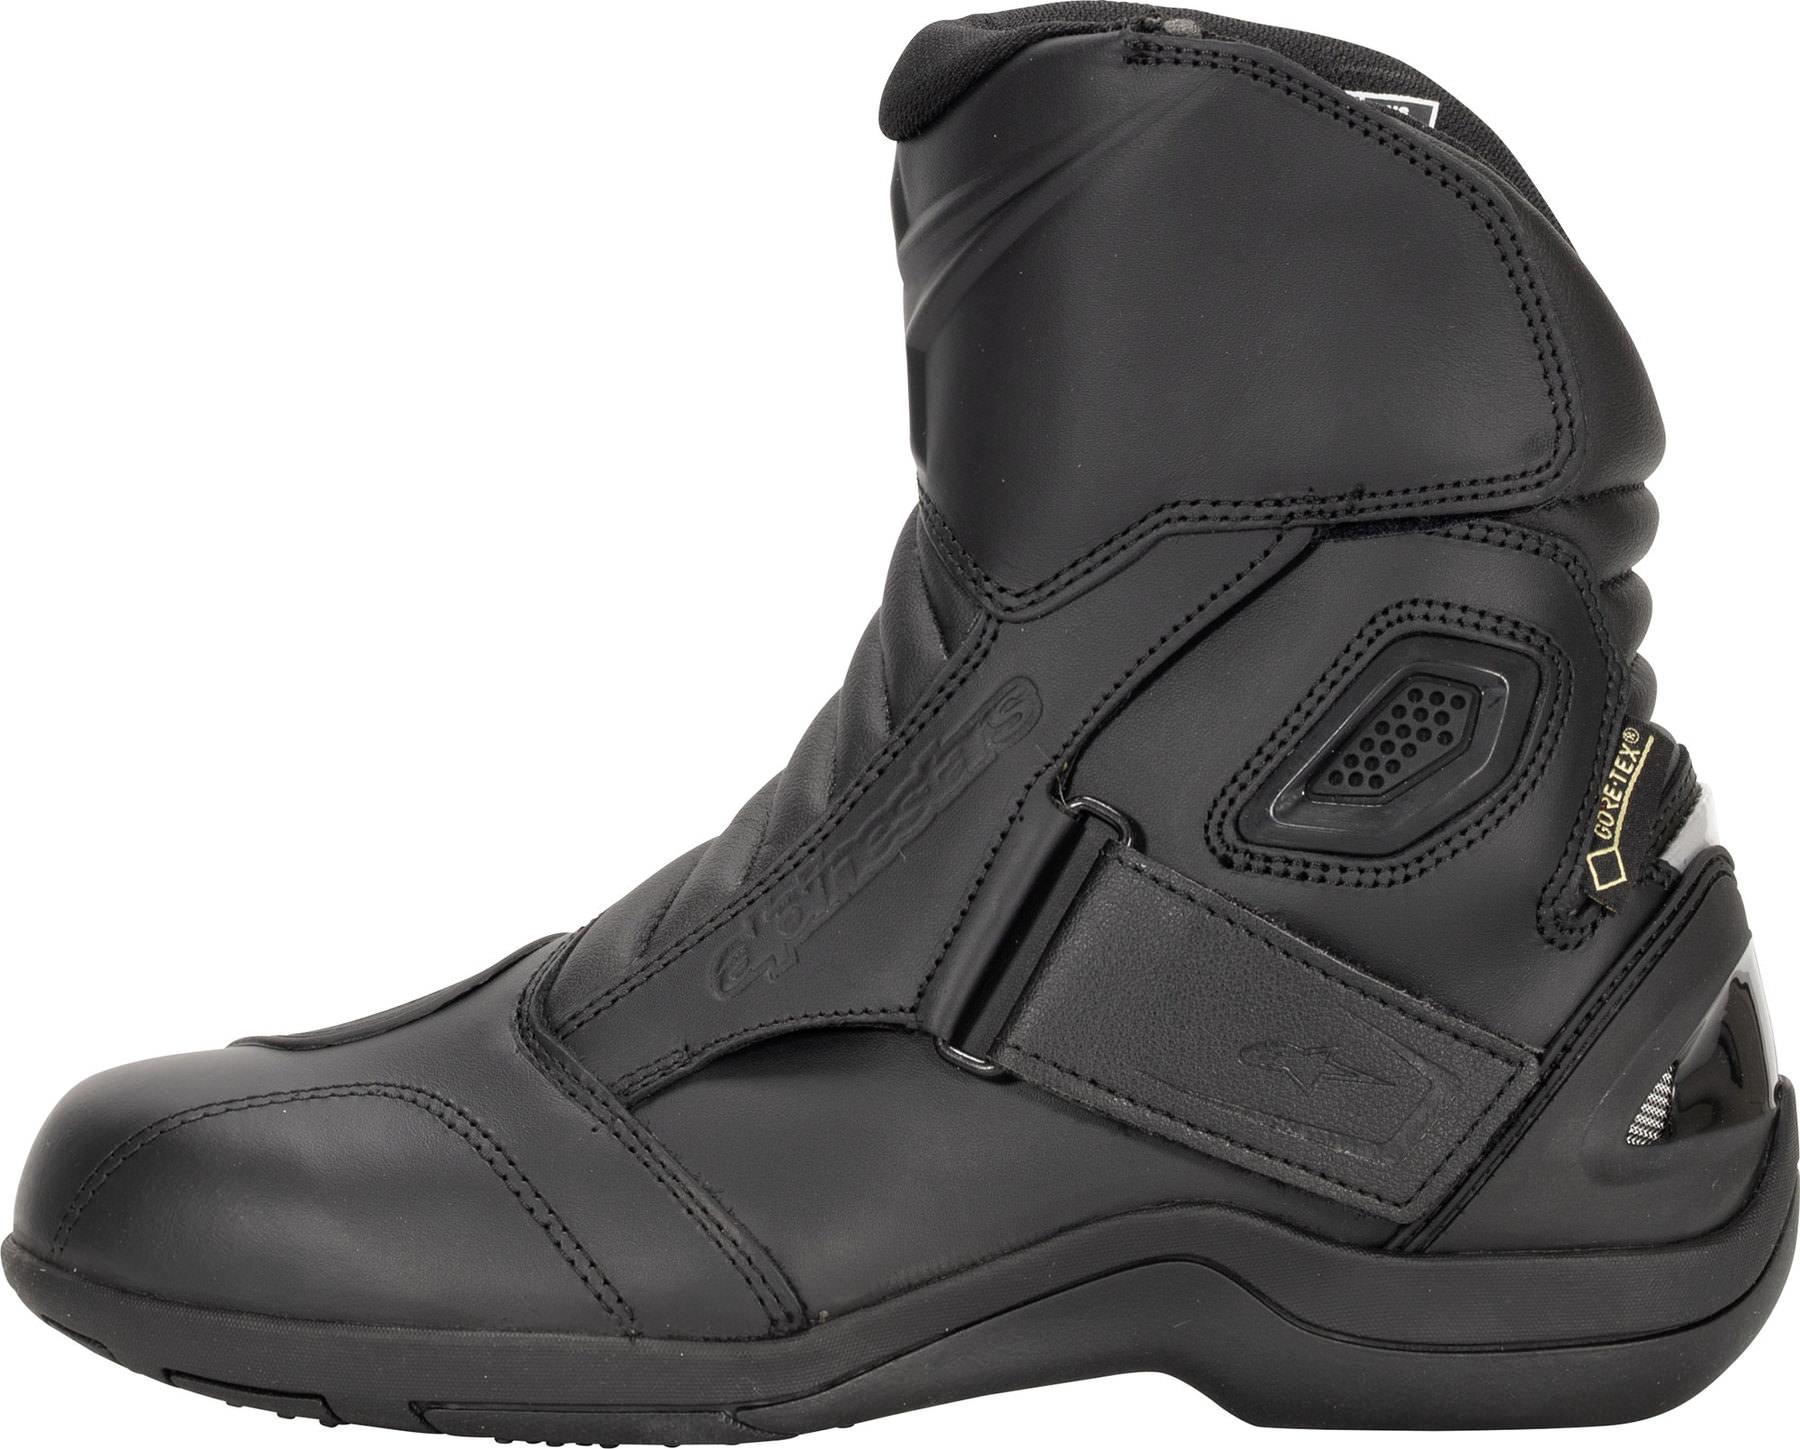 Buy Alpinestars New Land Short Boots